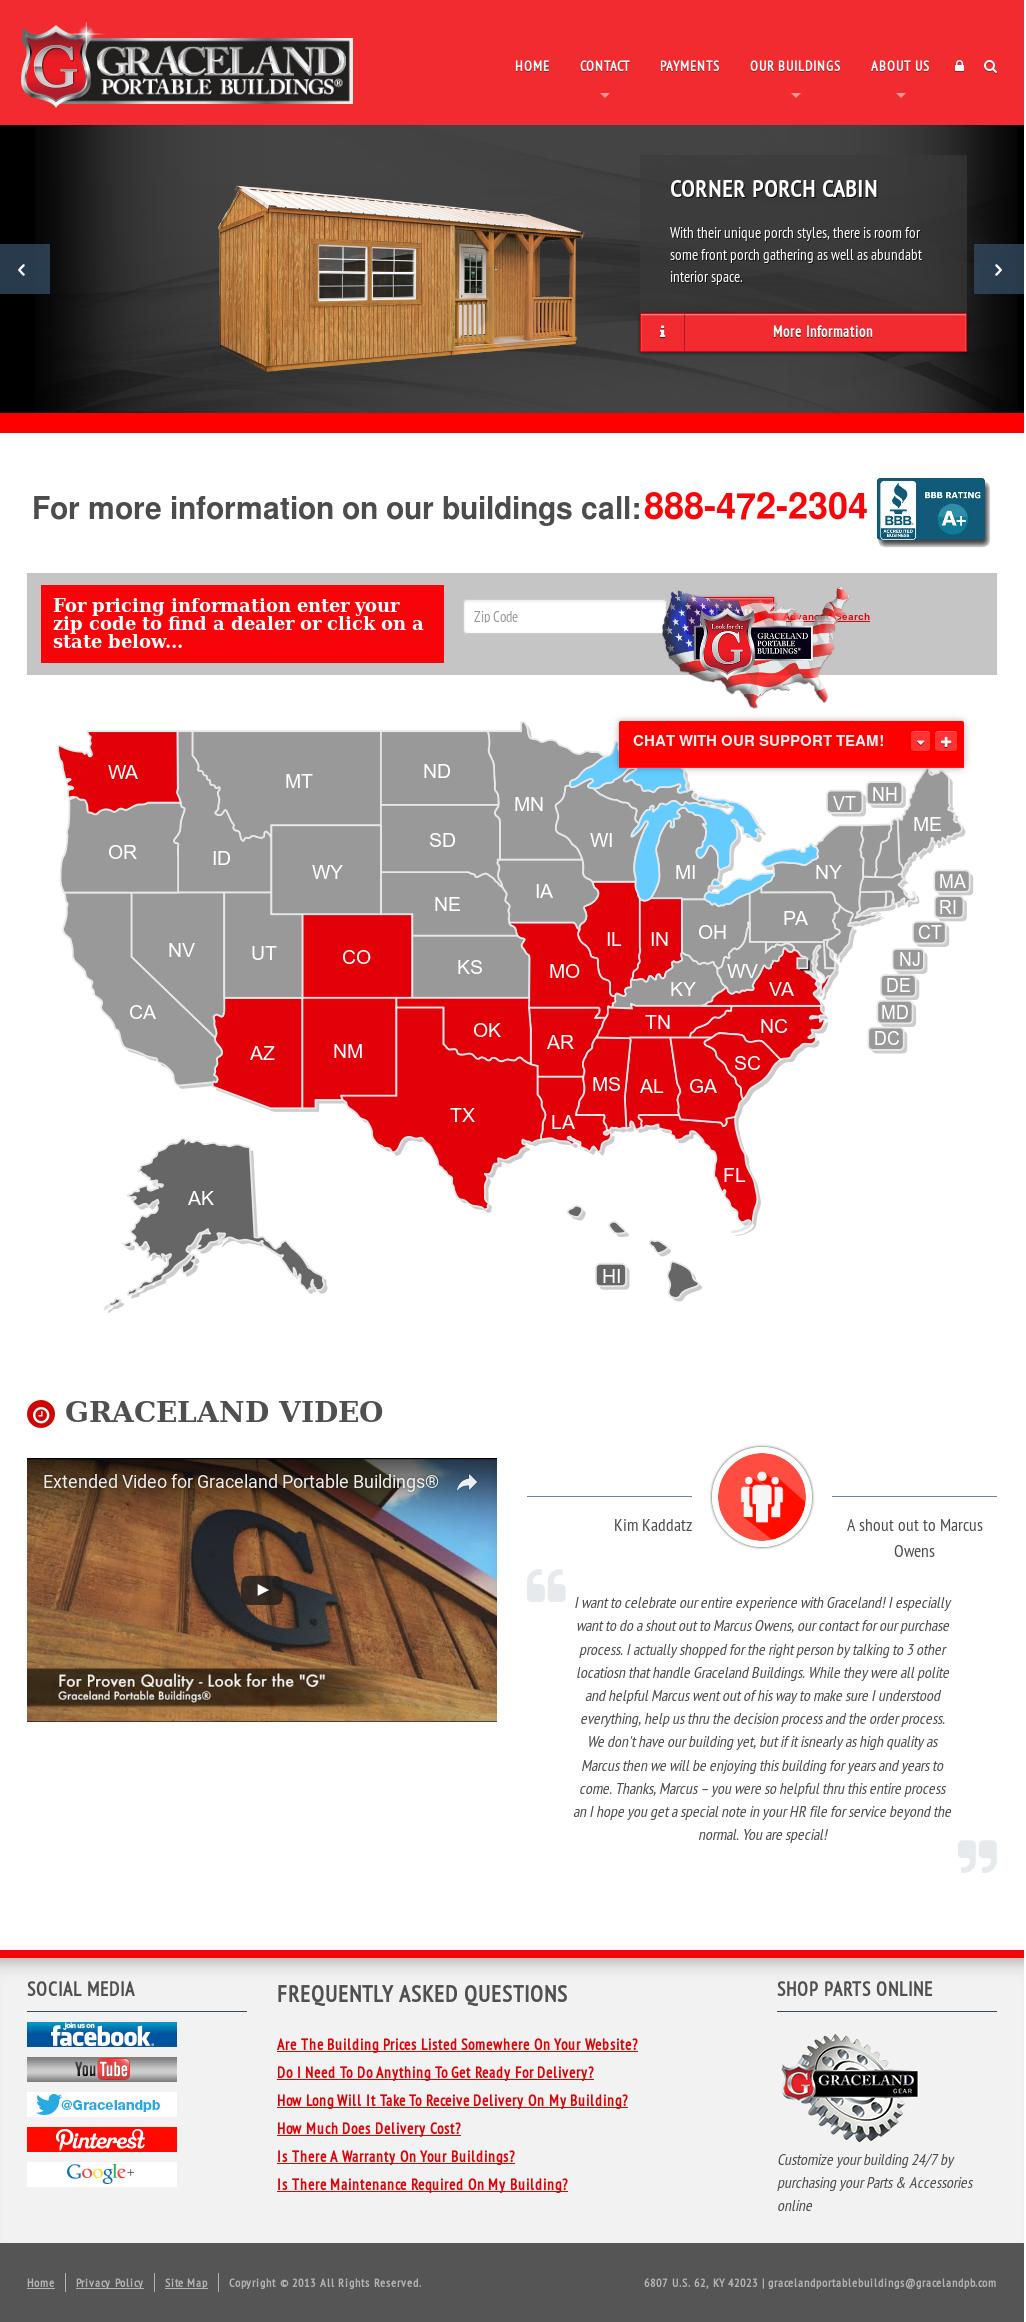 Graceland Portable Buildings Competitors, Revenue and